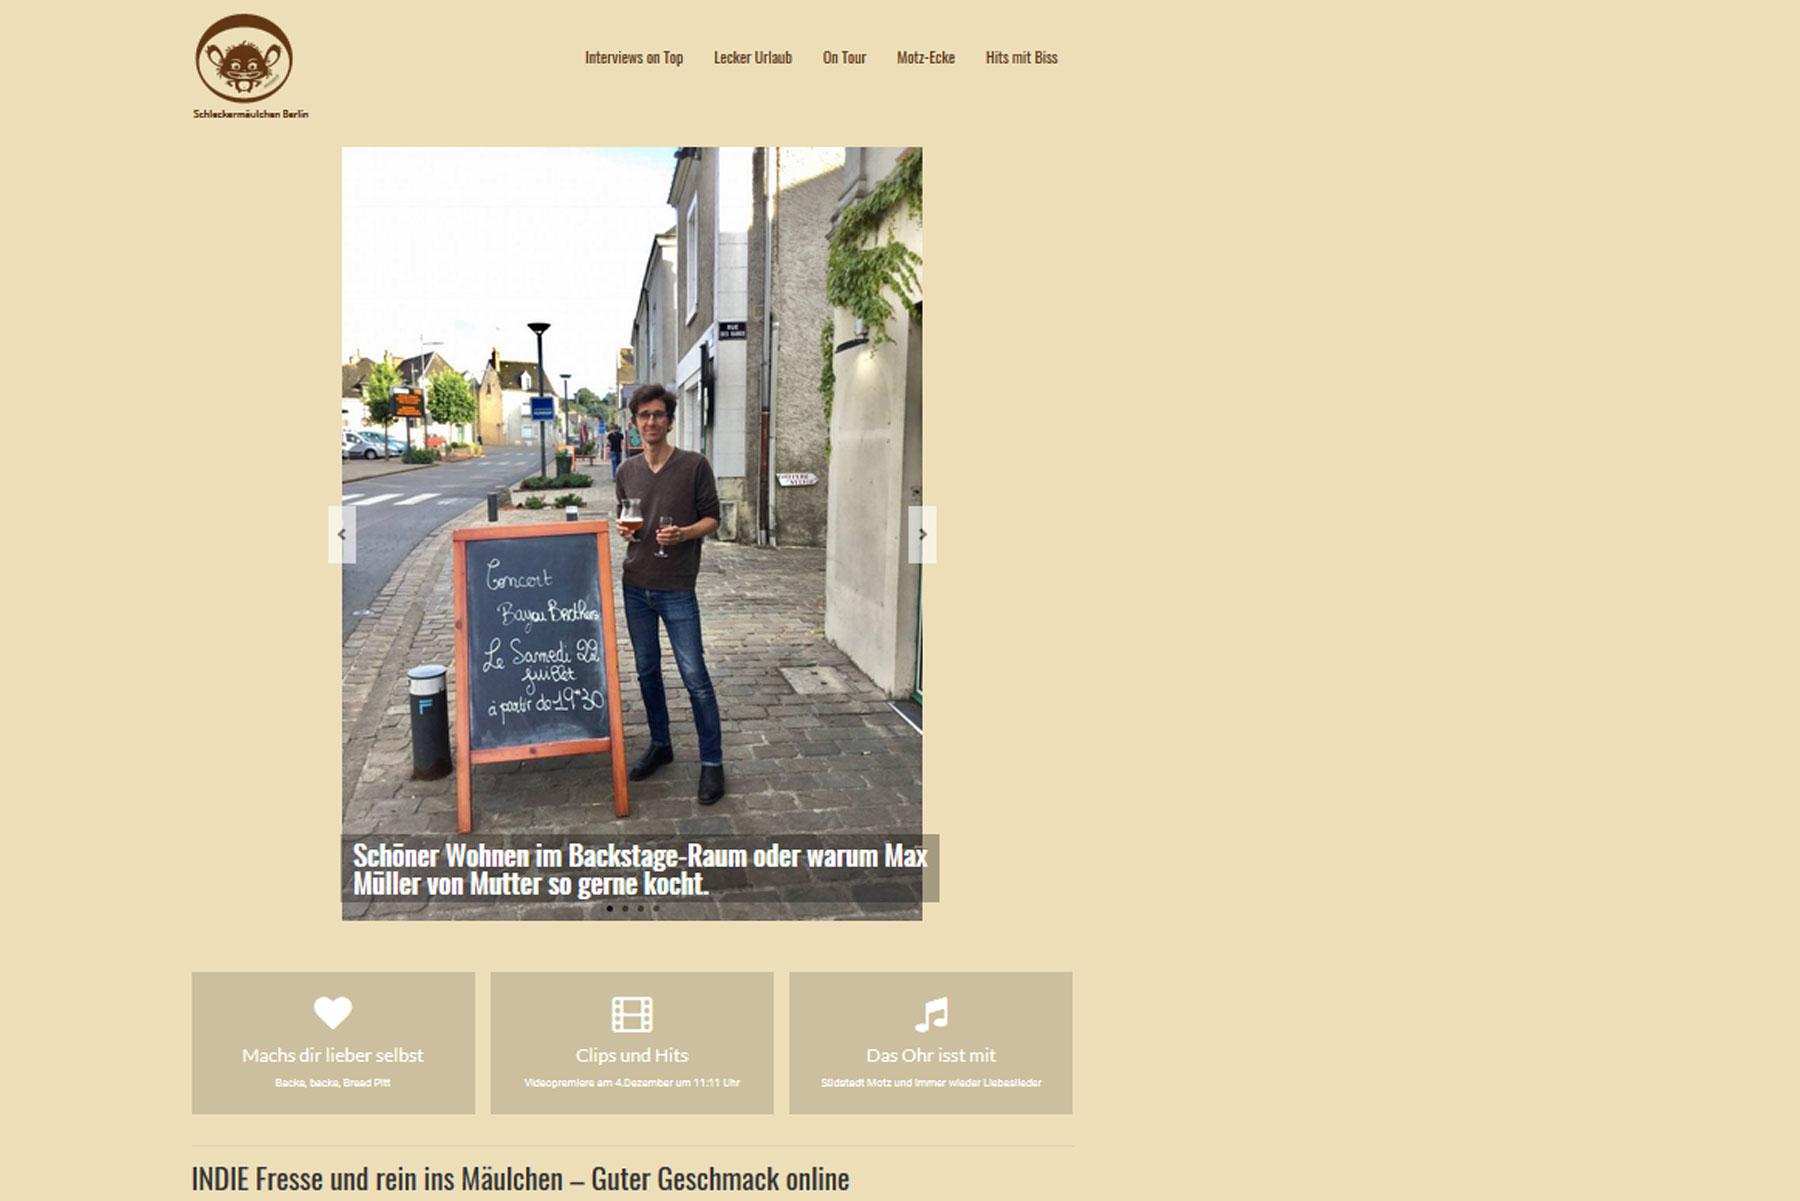 Schleckermäulchen Berlin. Praxisprojekt von Jasmin Lütz in der FCZB-Fortbildung Content- und Social-Media-Management